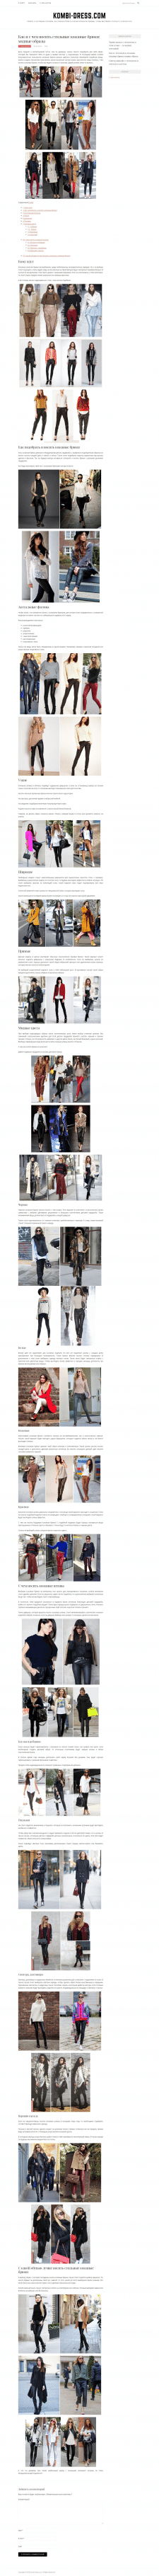 Как и с чем носить стильные кожаные брюки